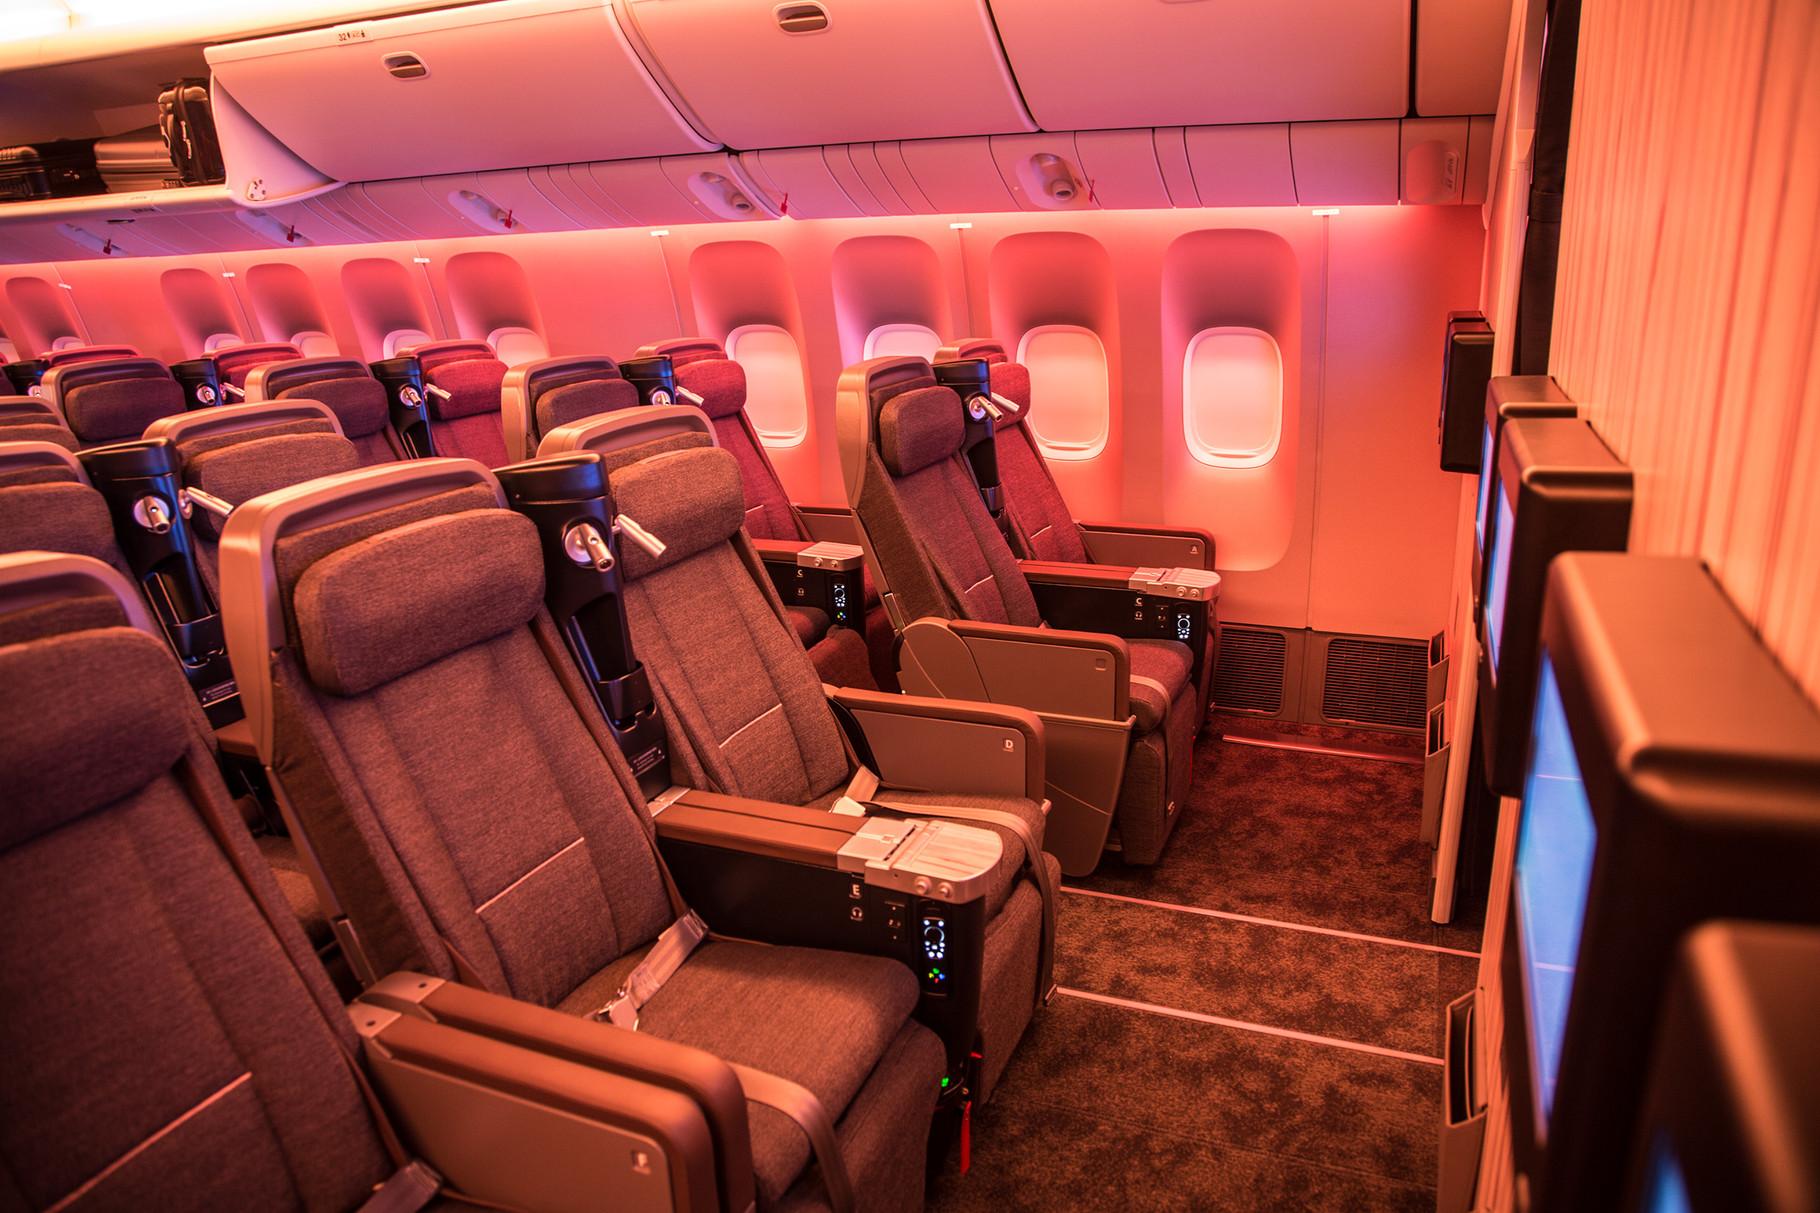 Premium Economy mit 2-3-2 und sehr komfortablen und breiten Sitzen.